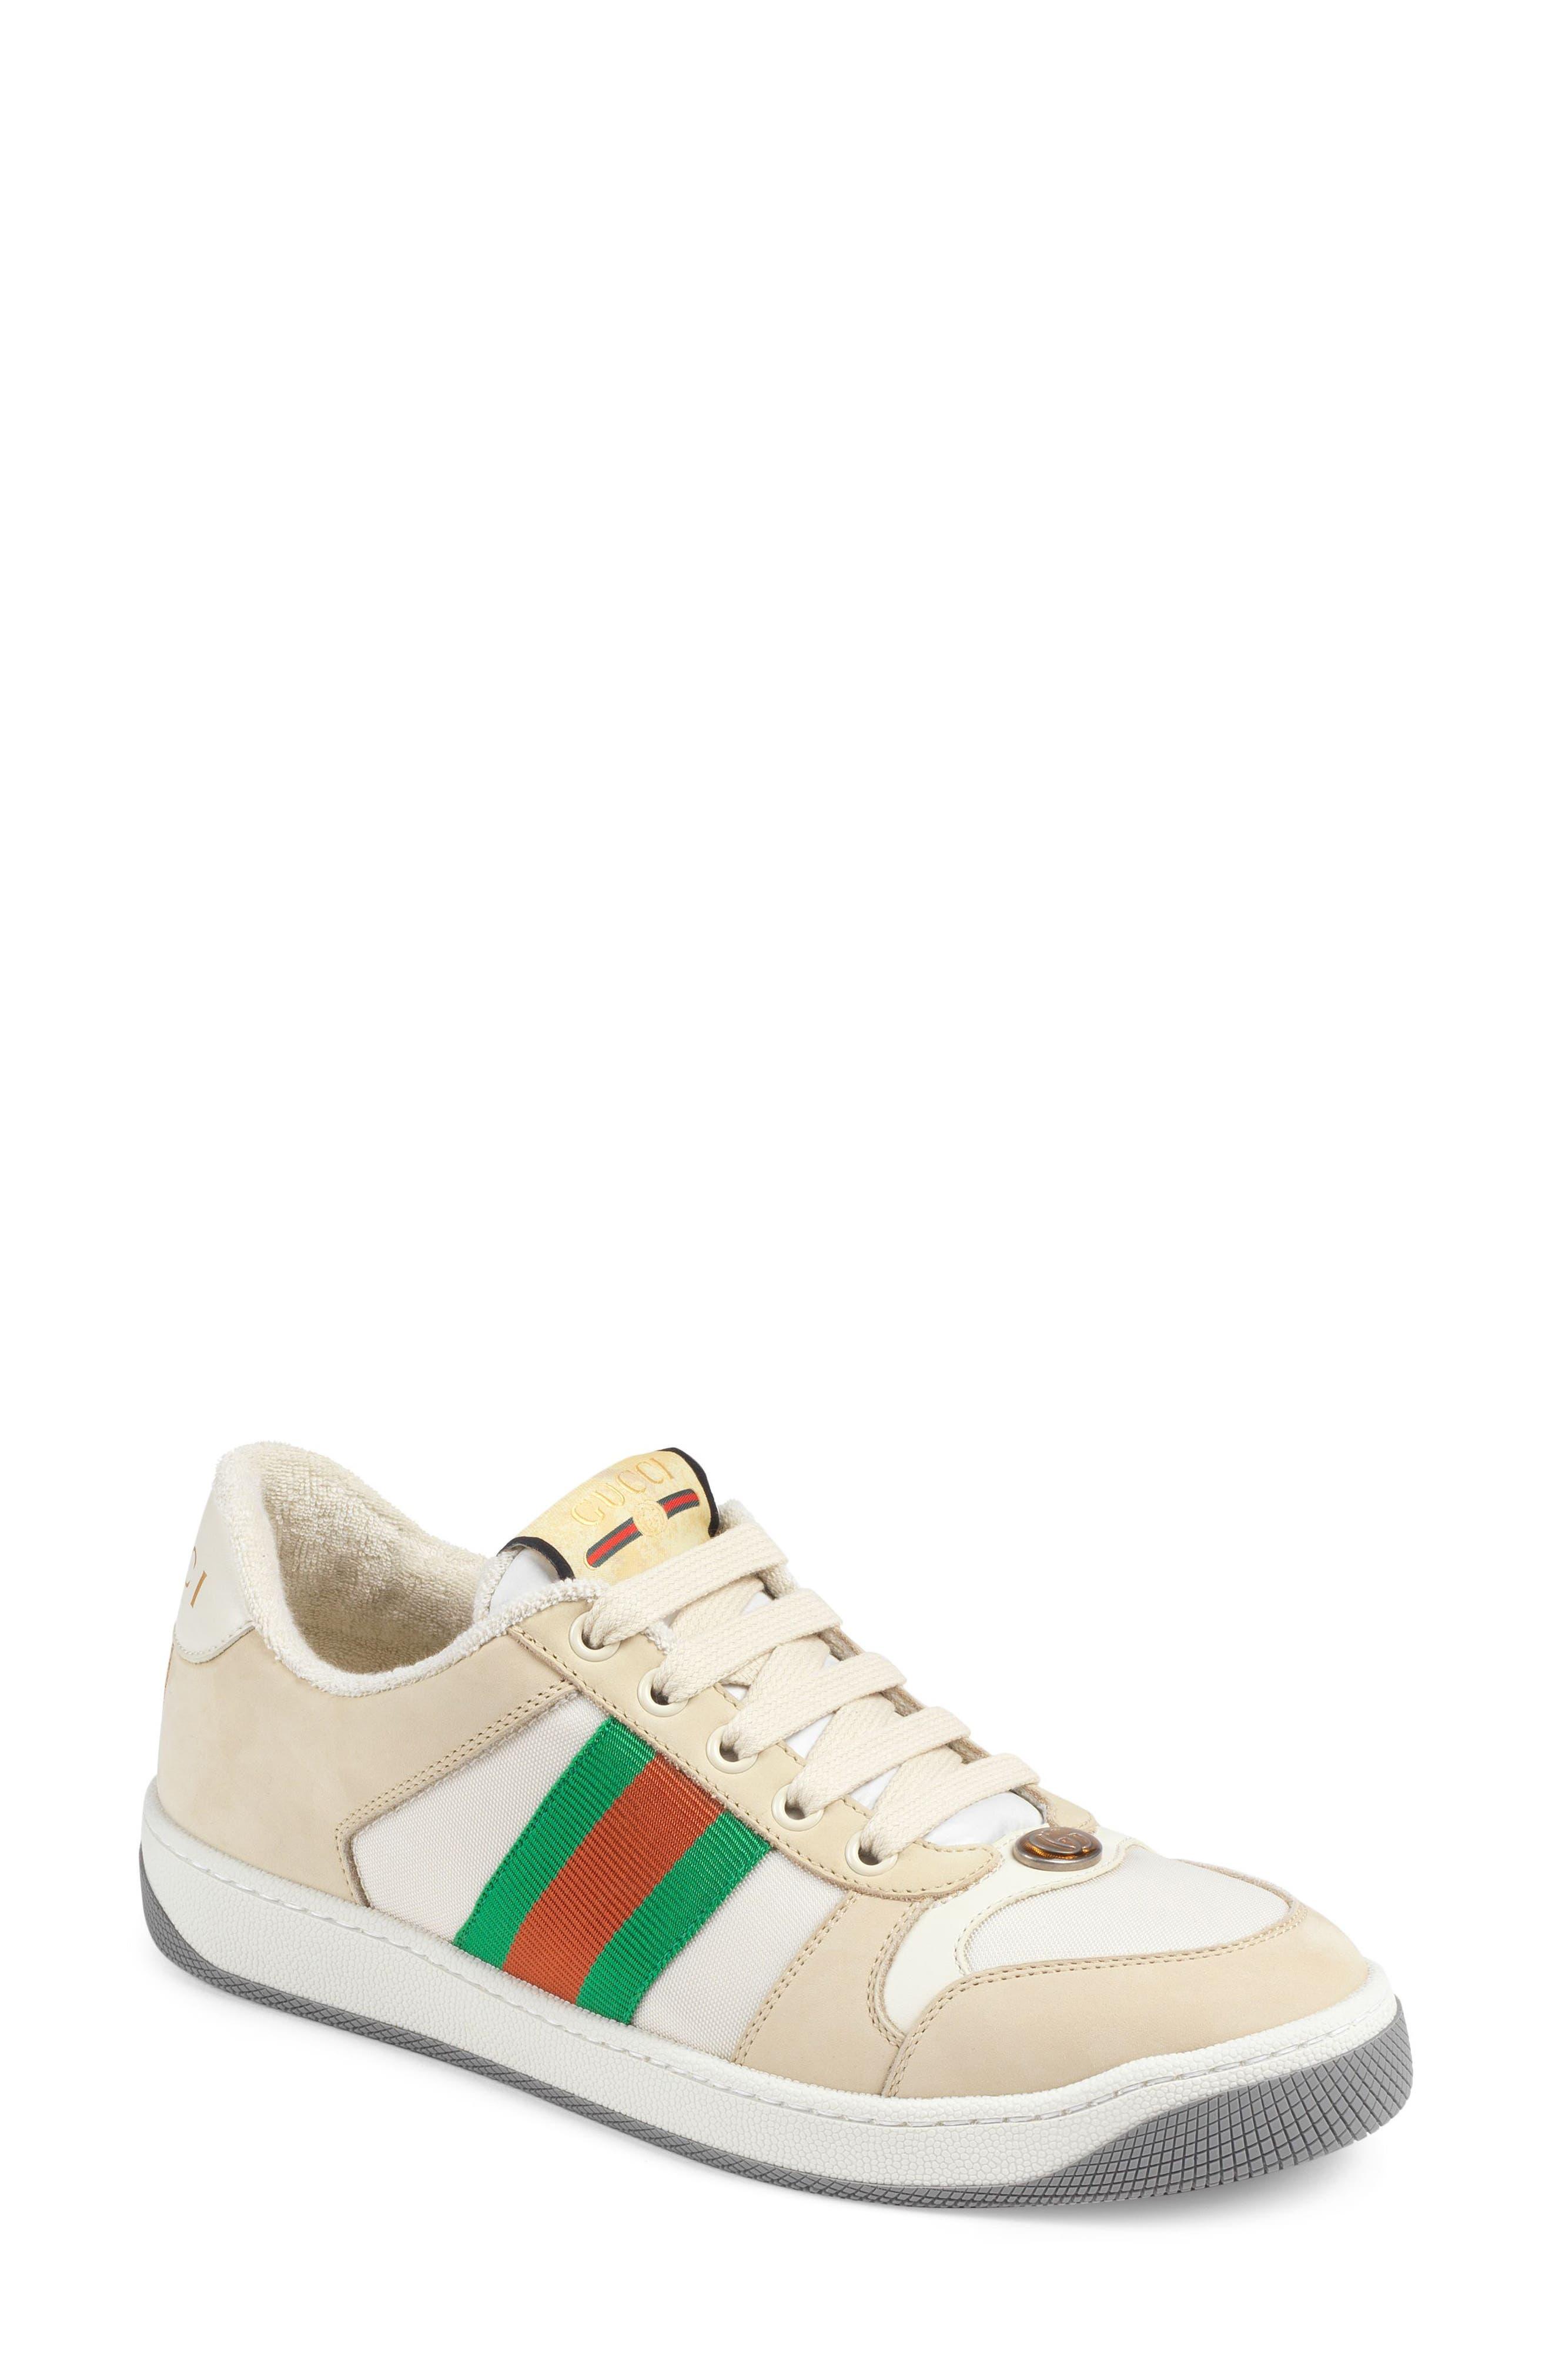 Gucci Screener Low Top Sneaker - Beige